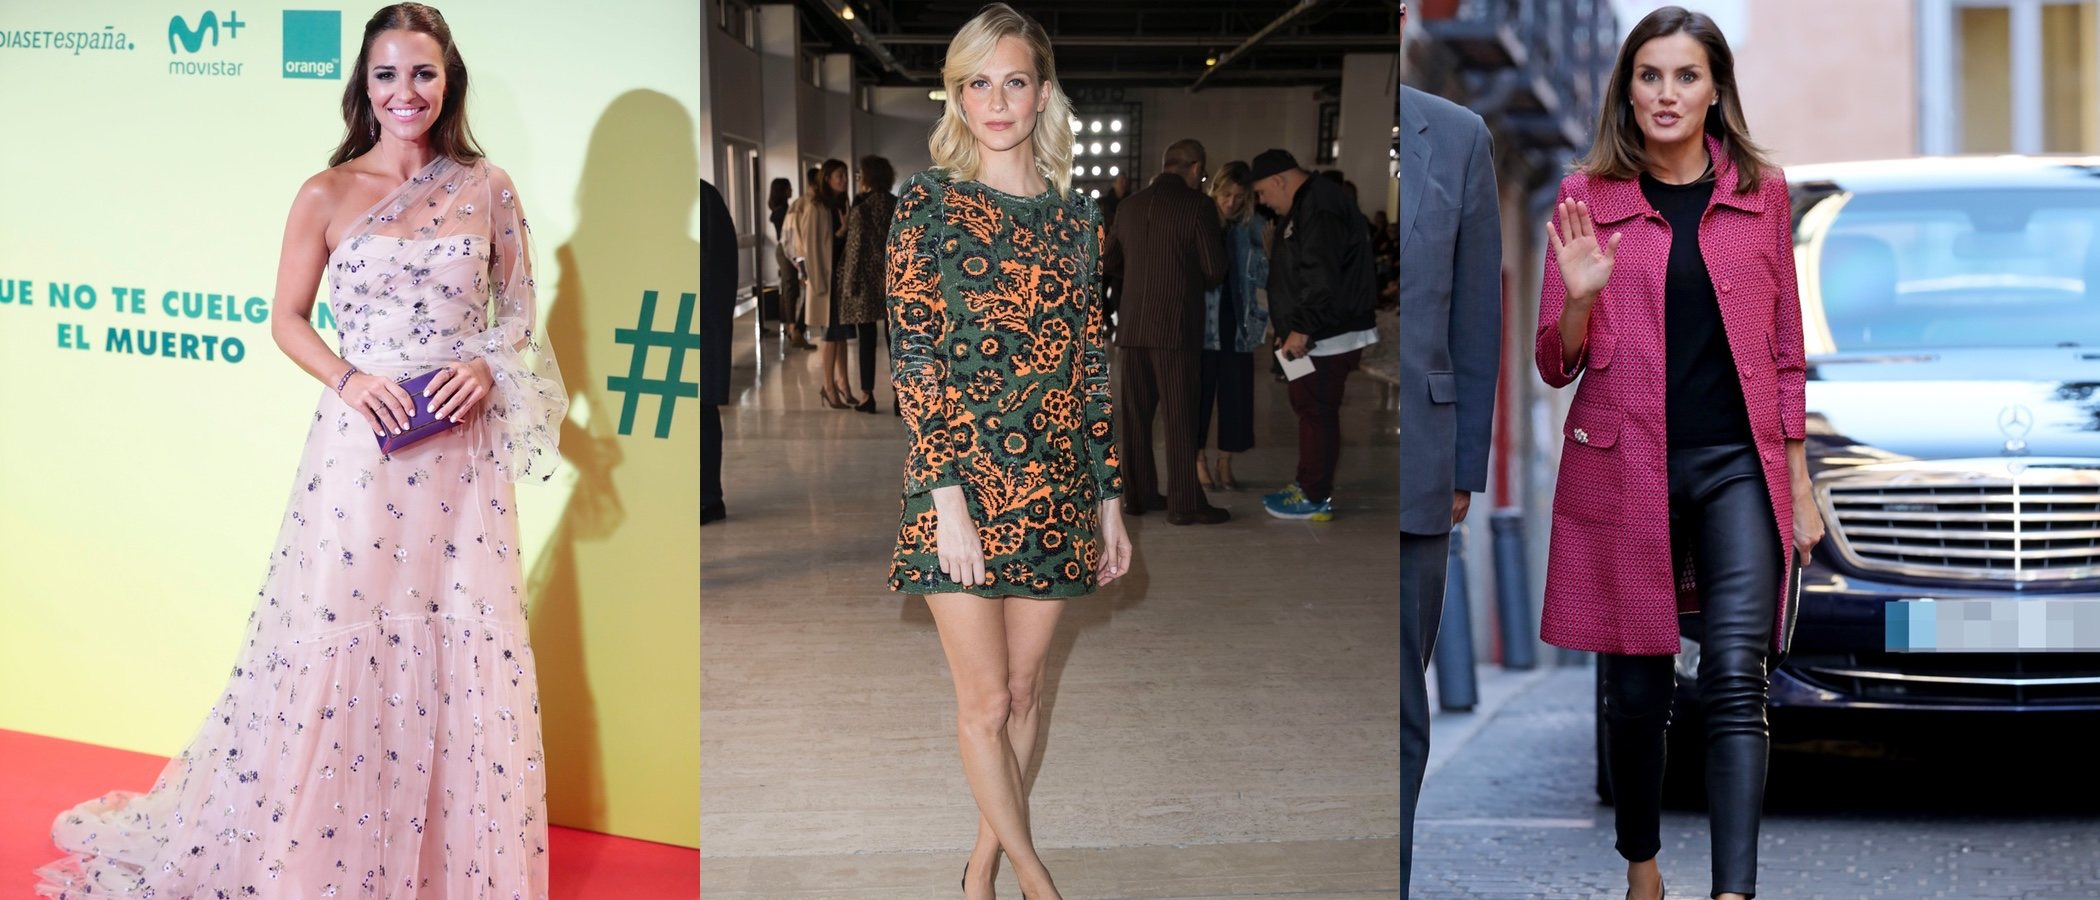 Paula Echevarría, Poppy Delevingne y la Reina Letizia, entre las mejor vestidas de la semana